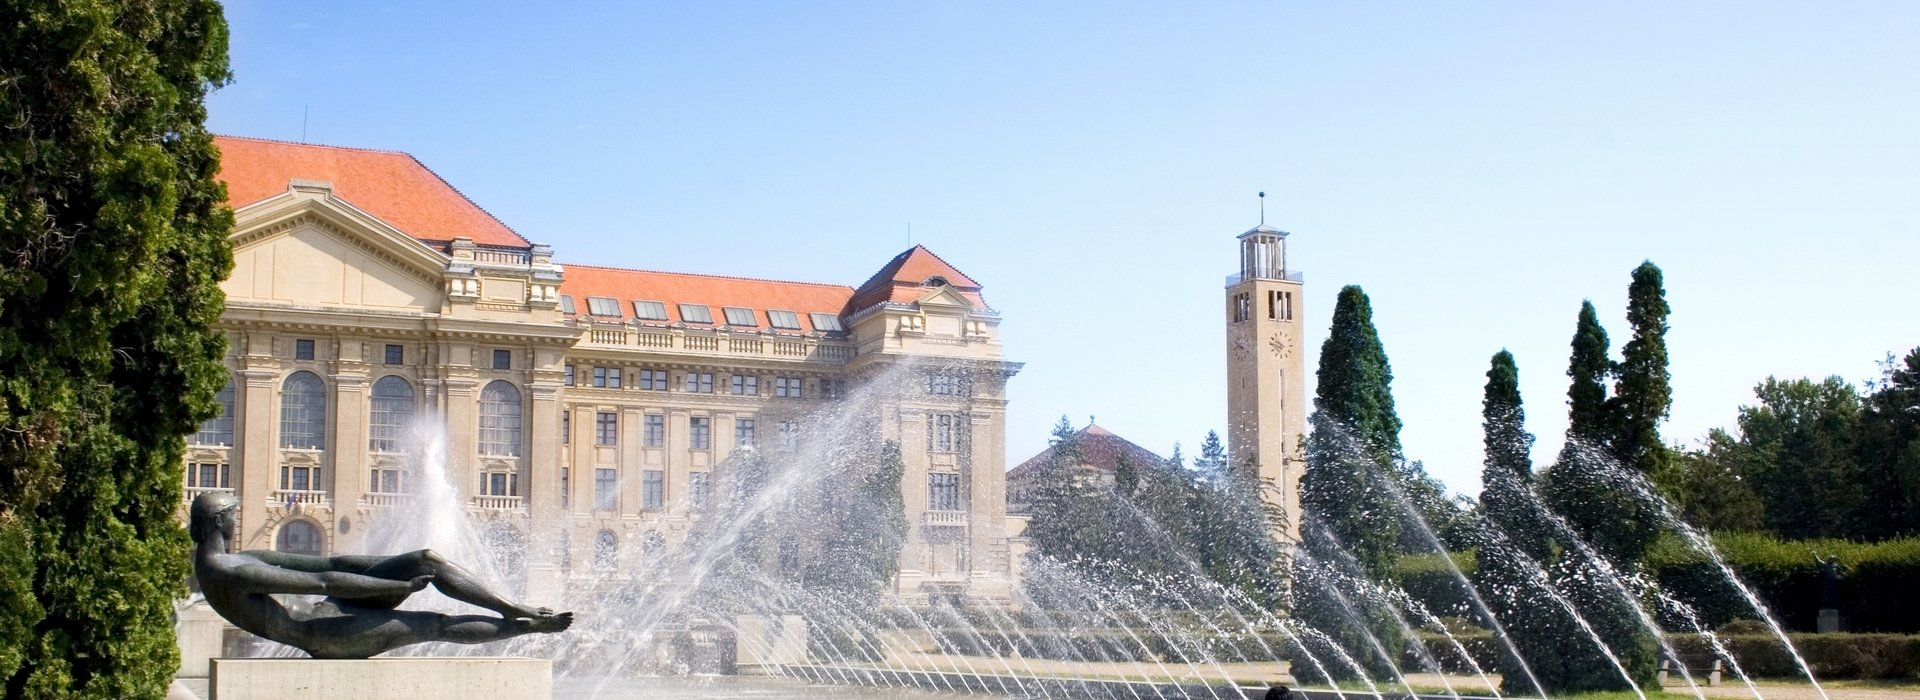 Debrecen szállás - olcsó szállás Debrecenben